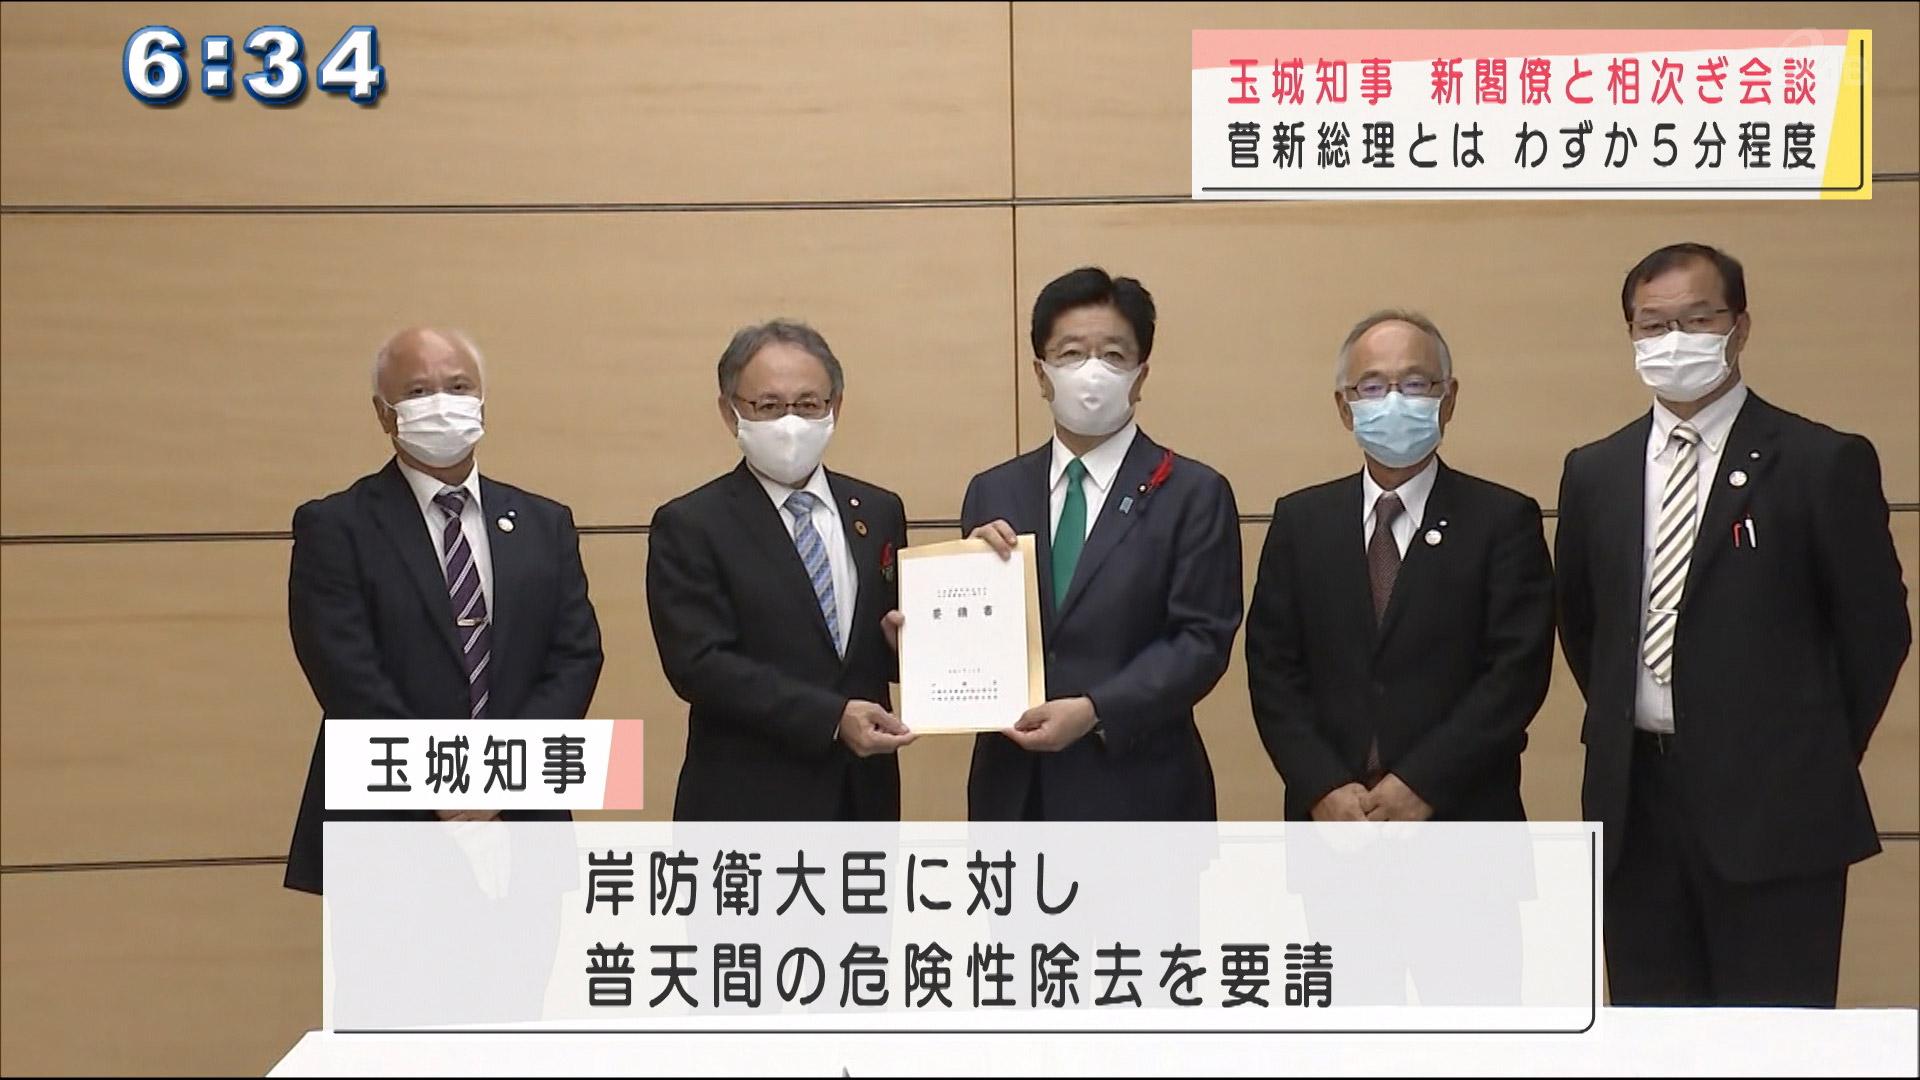 玉城知事 菅総理大臣と初会談